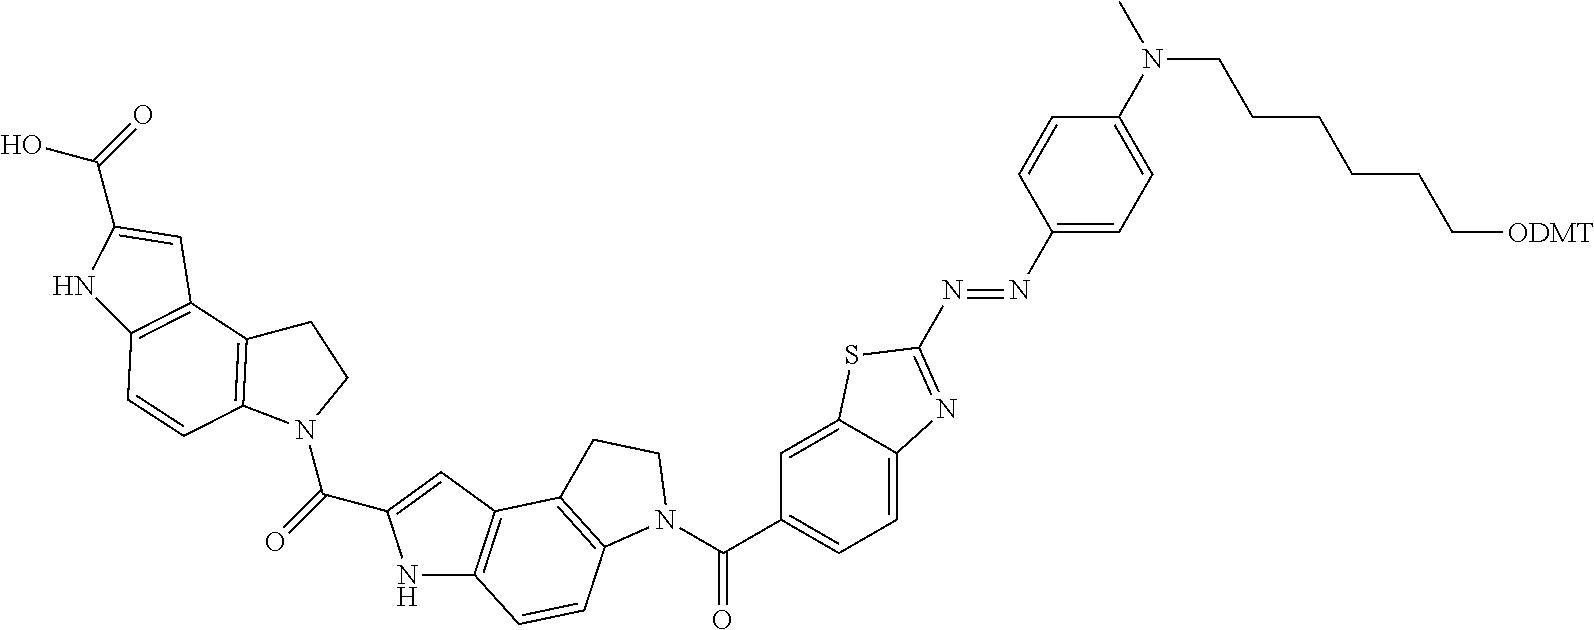 Figure US20190064067A1-20190228-C00098